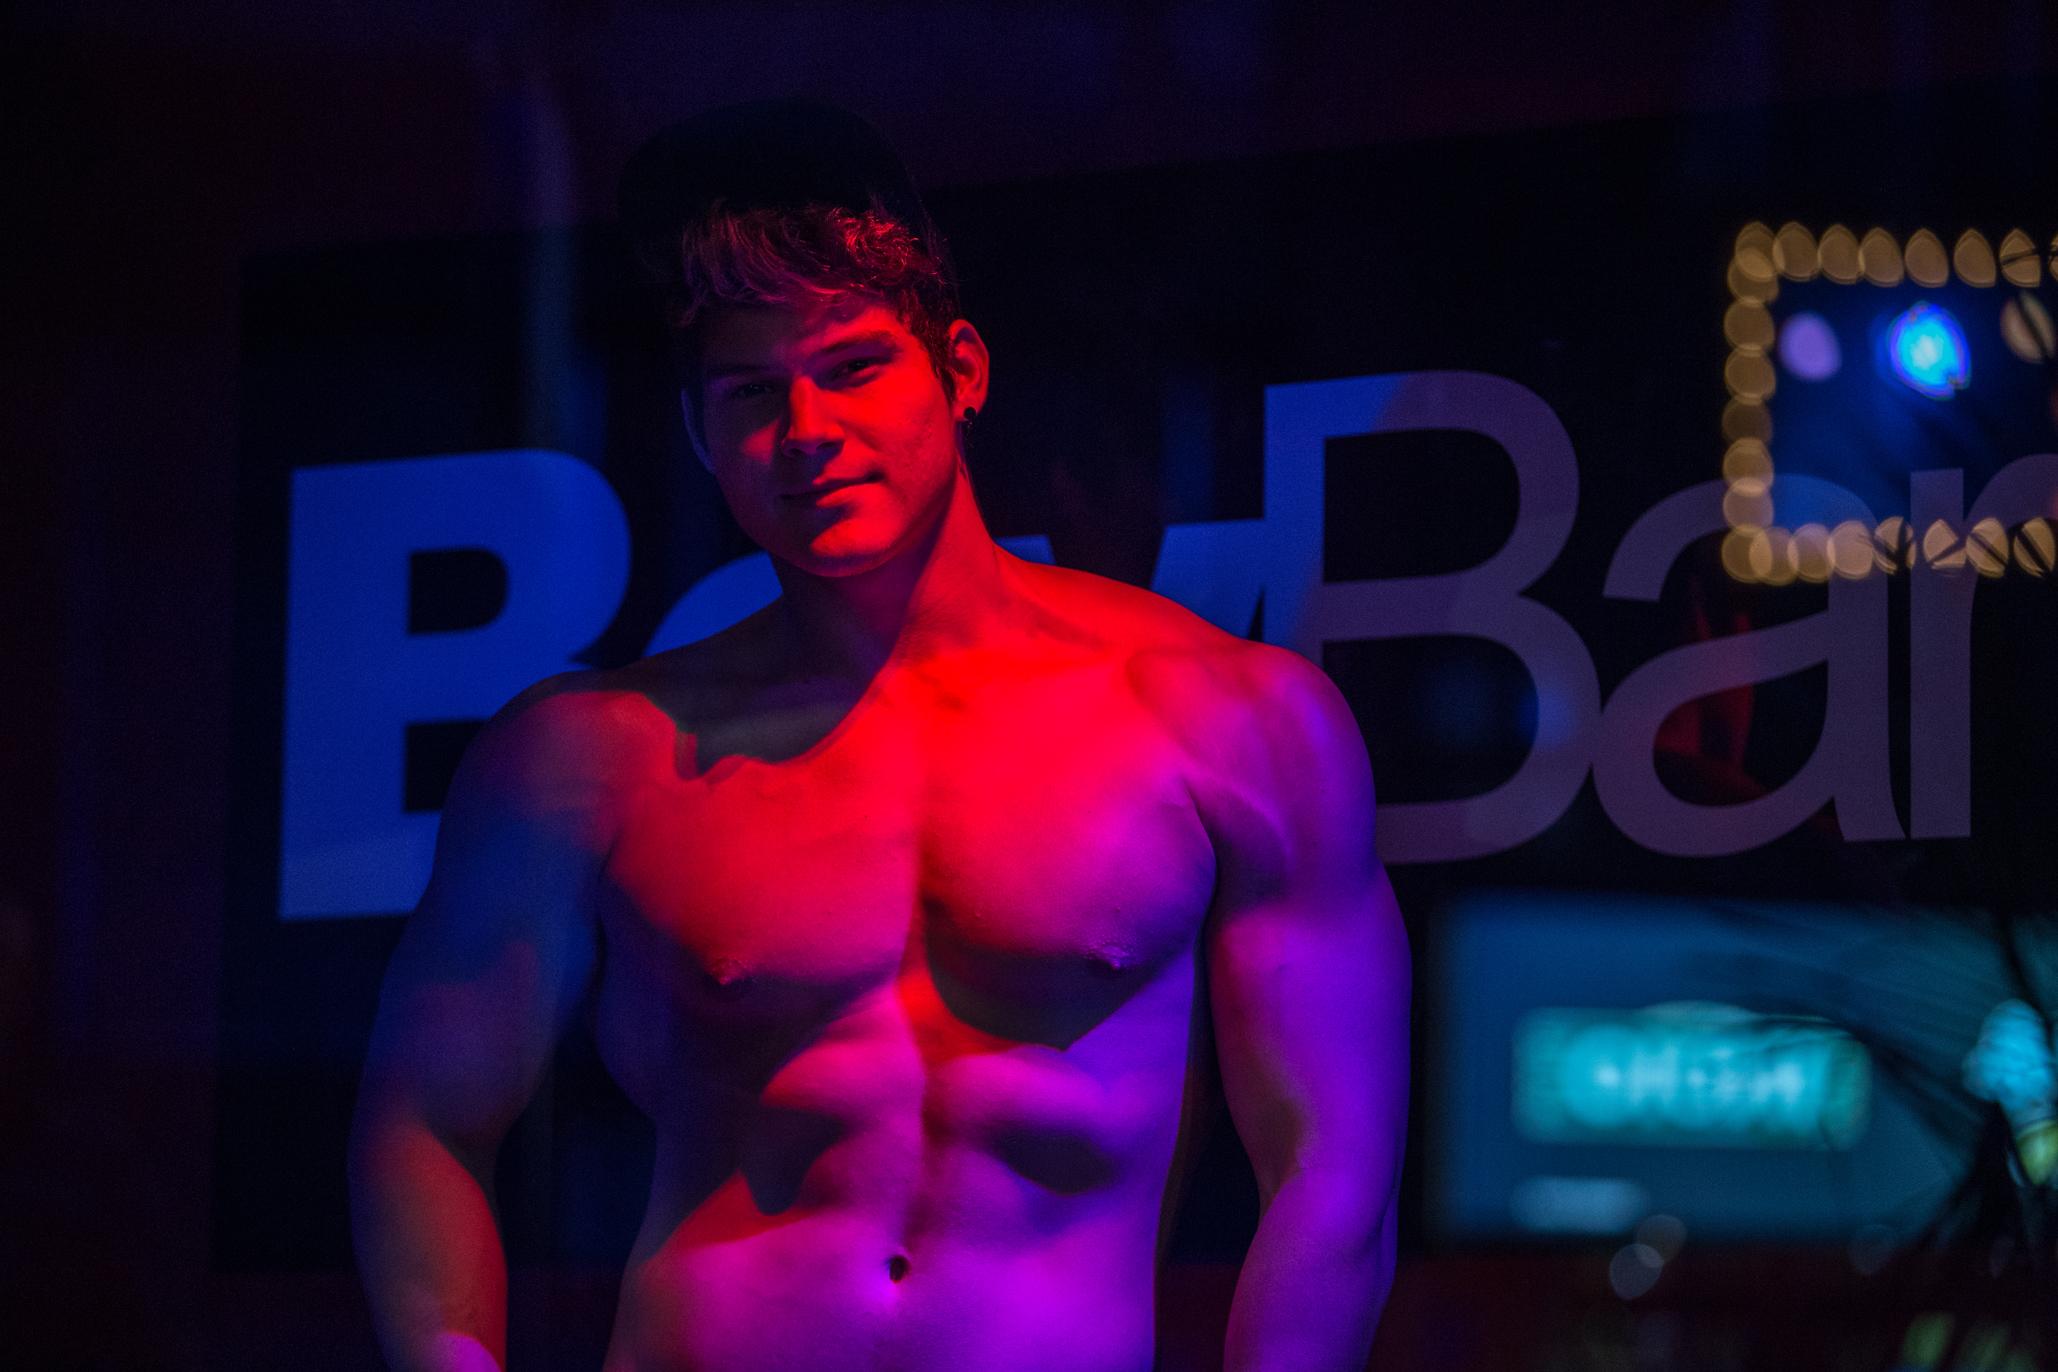 videos gay pollones escort buenosaires